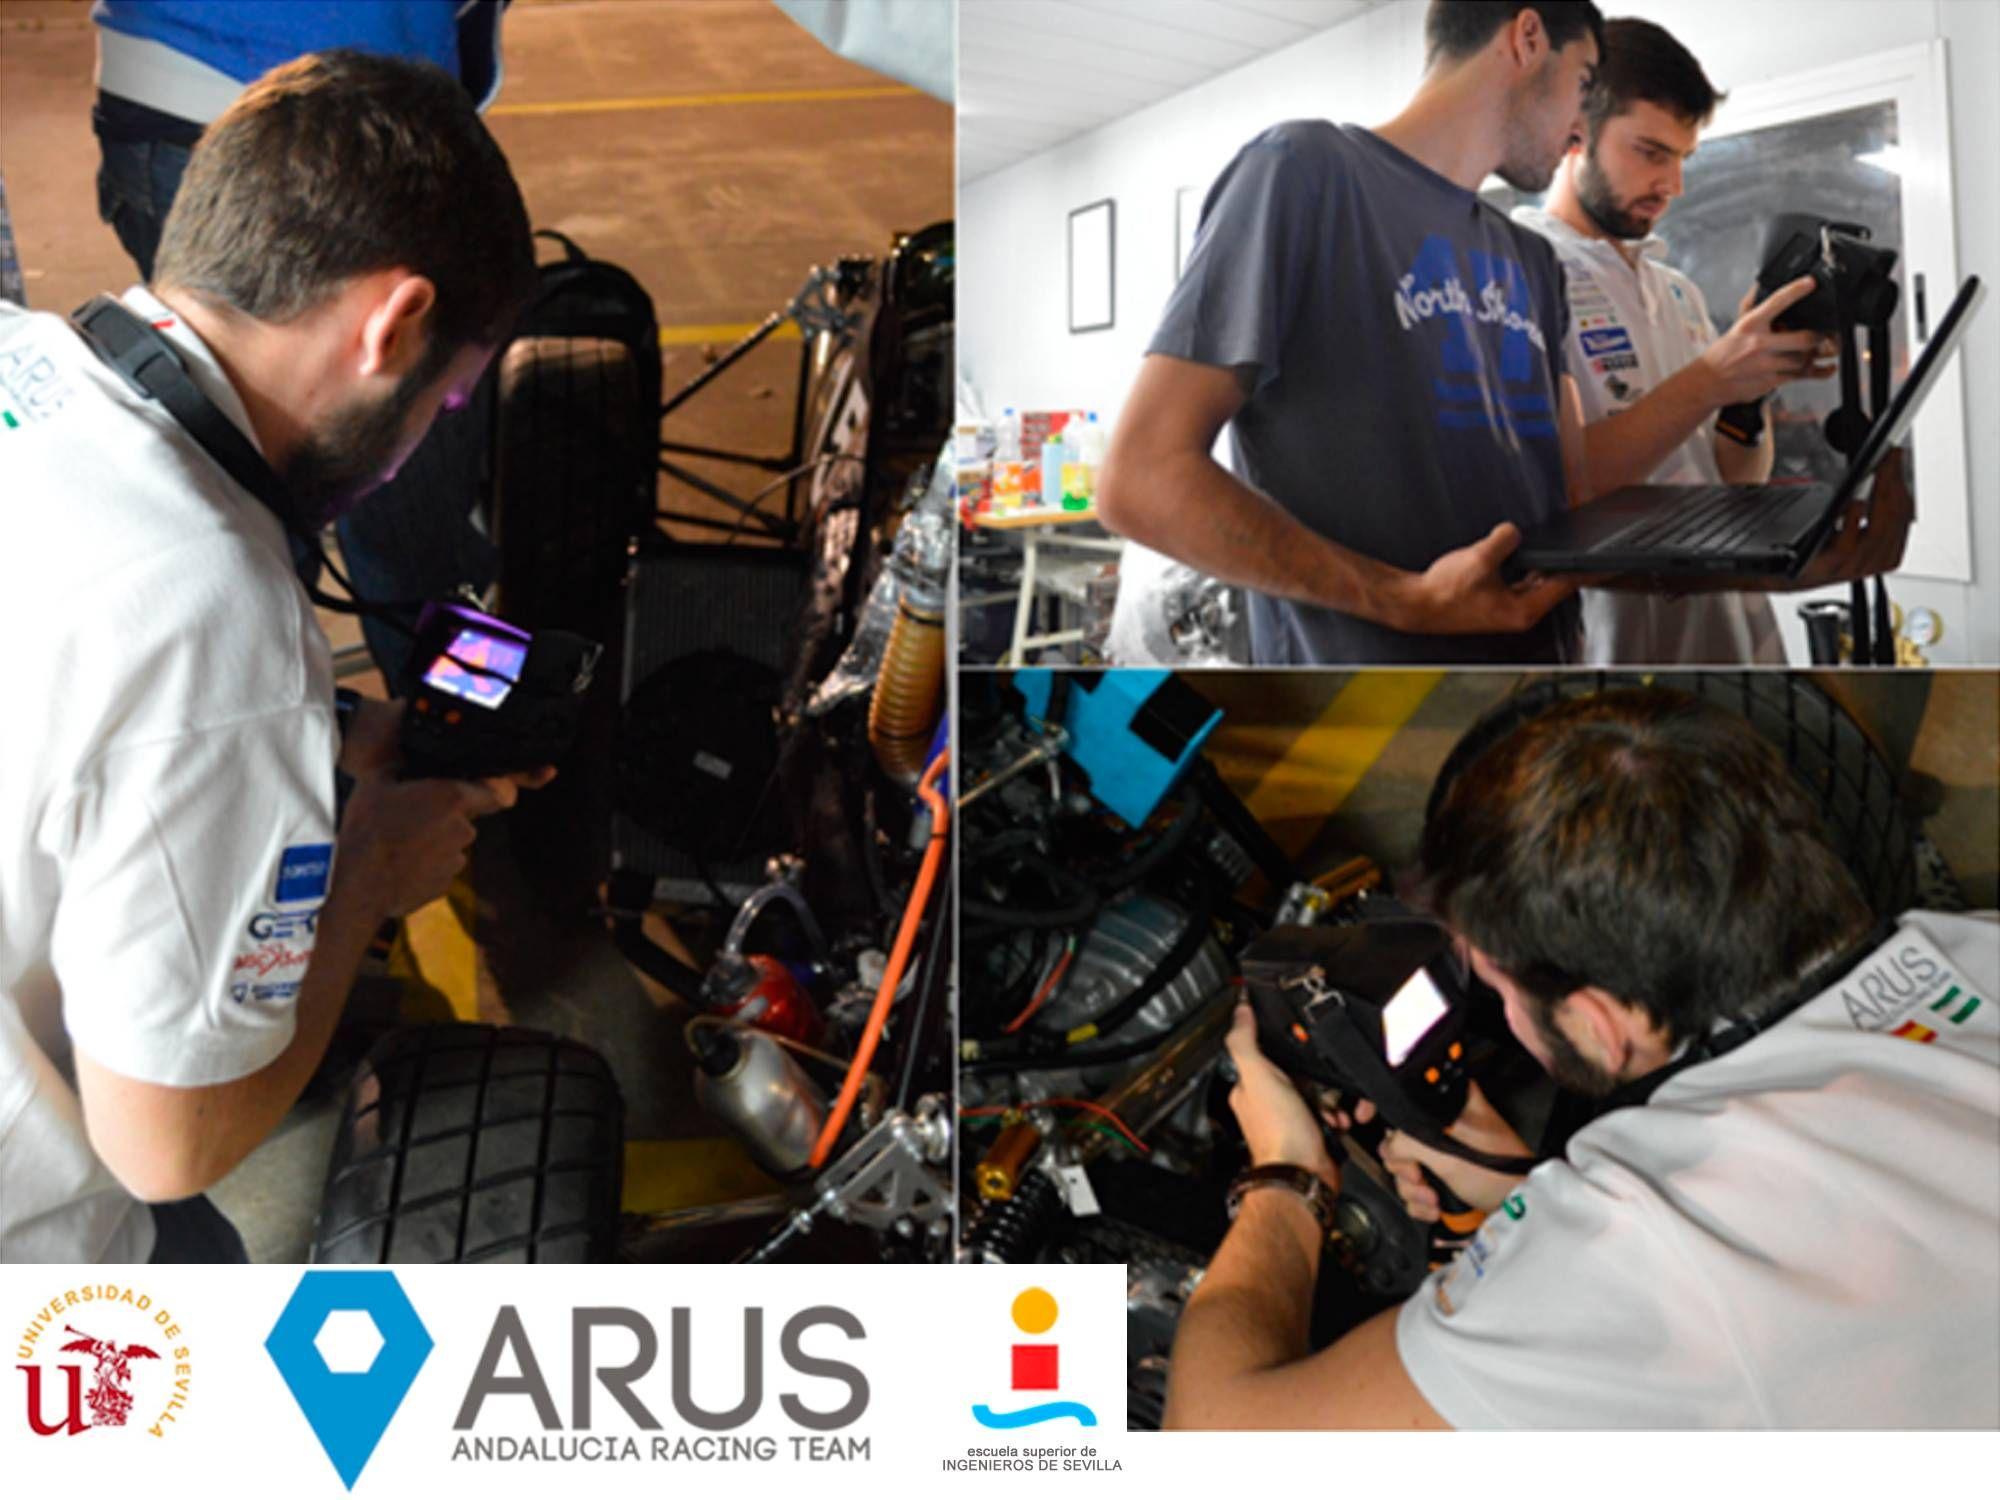 Imag-ES-testo-arus-racing-team.png